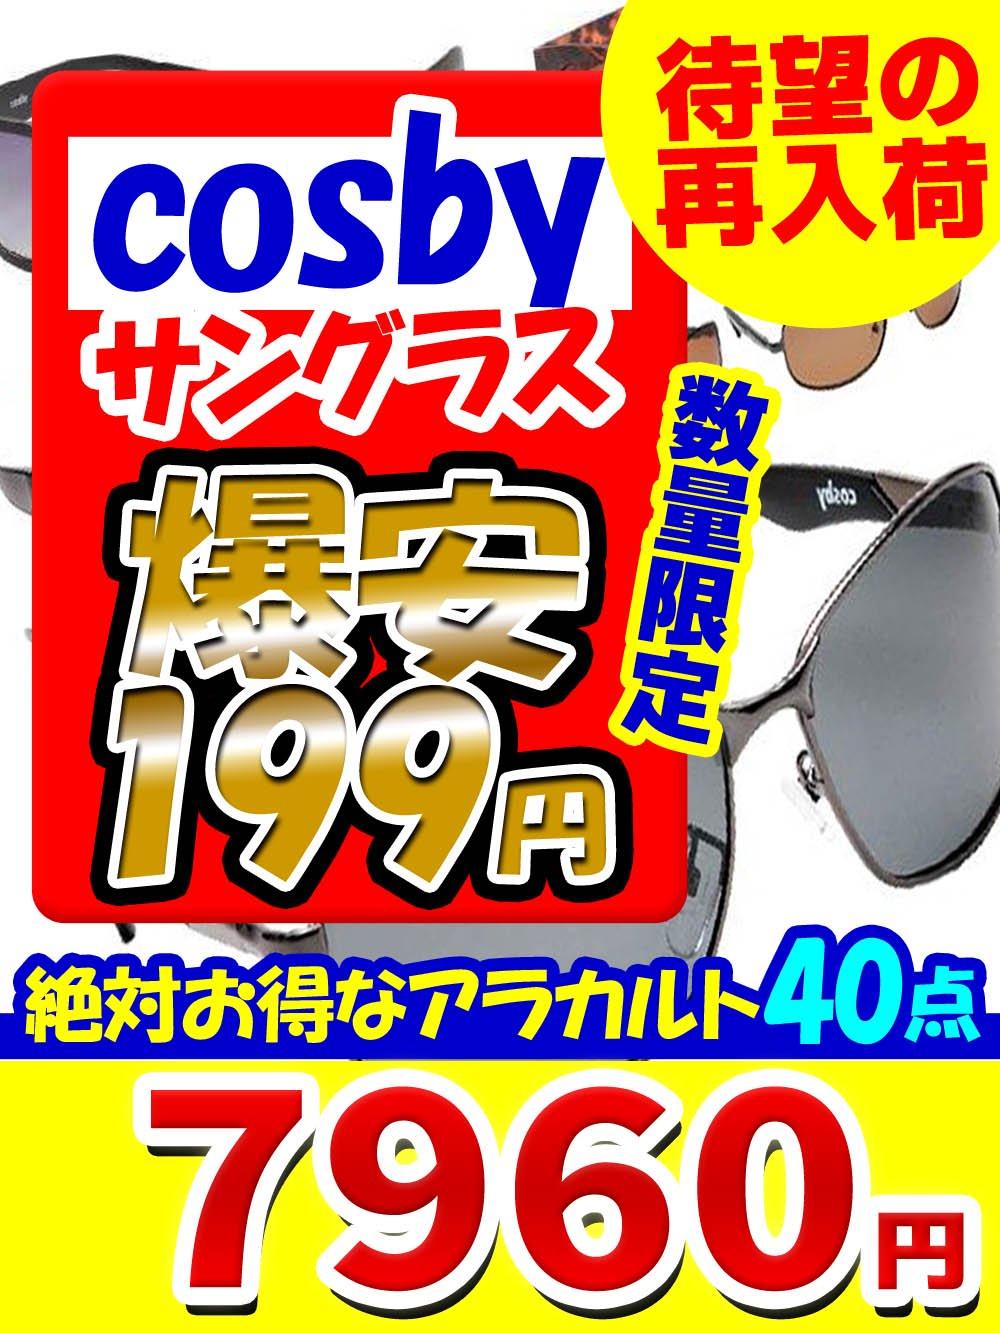 【激安299円】COSBYサングラス!絶対お得なアラカルト!【20点】5980円